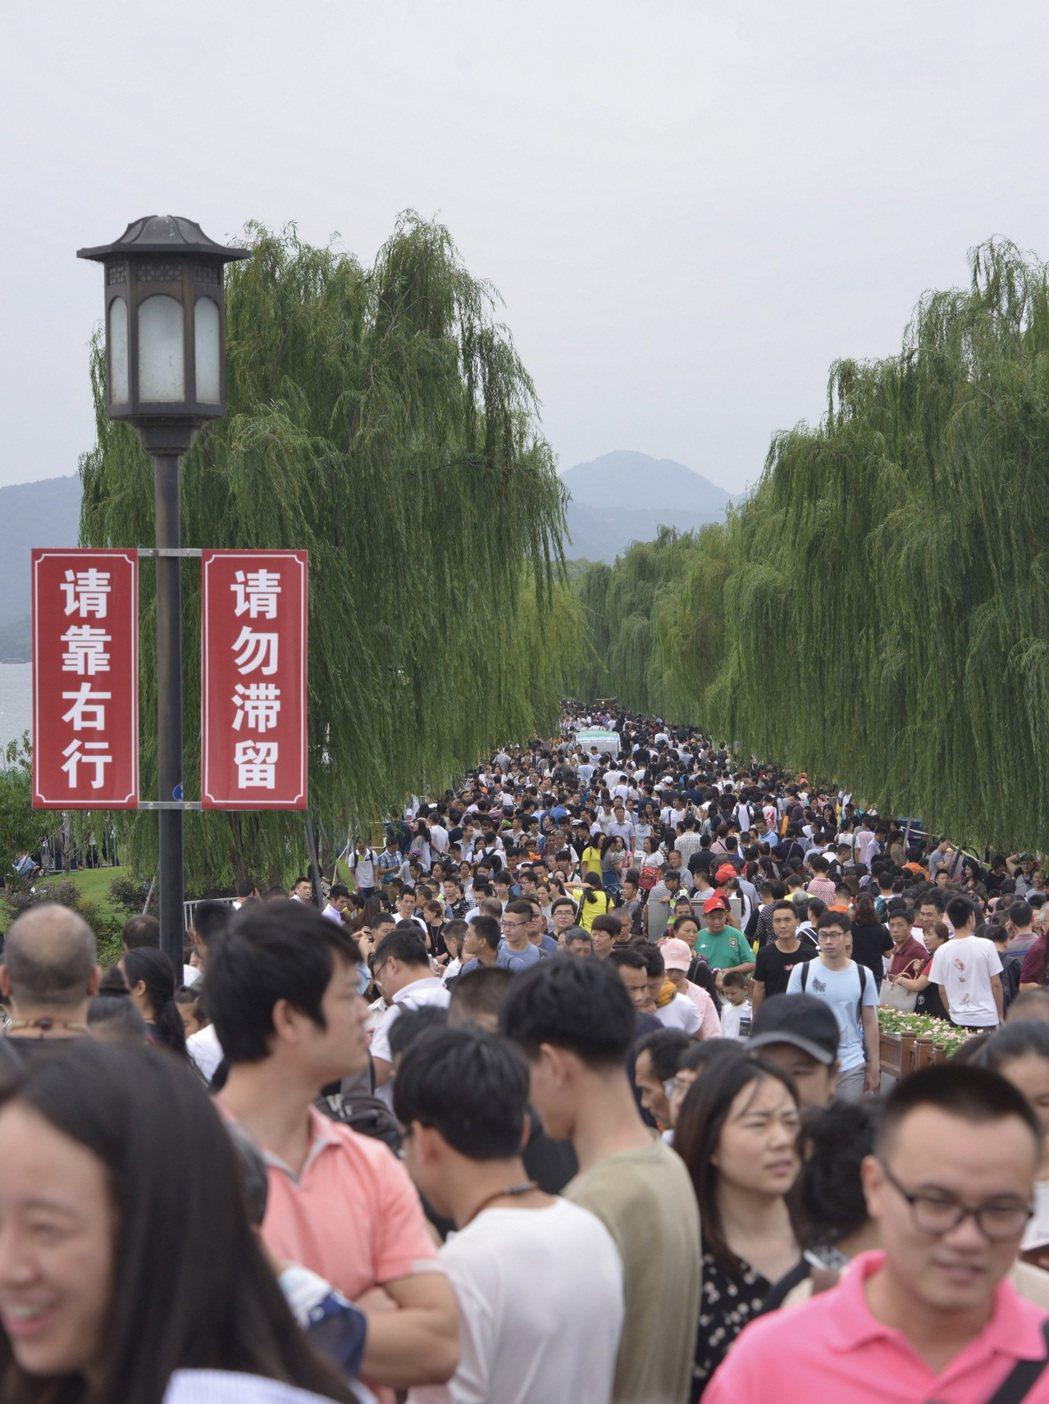 大量遊客湧入西湖斷橋,西湖設置單行線疏導人潮。 中新社